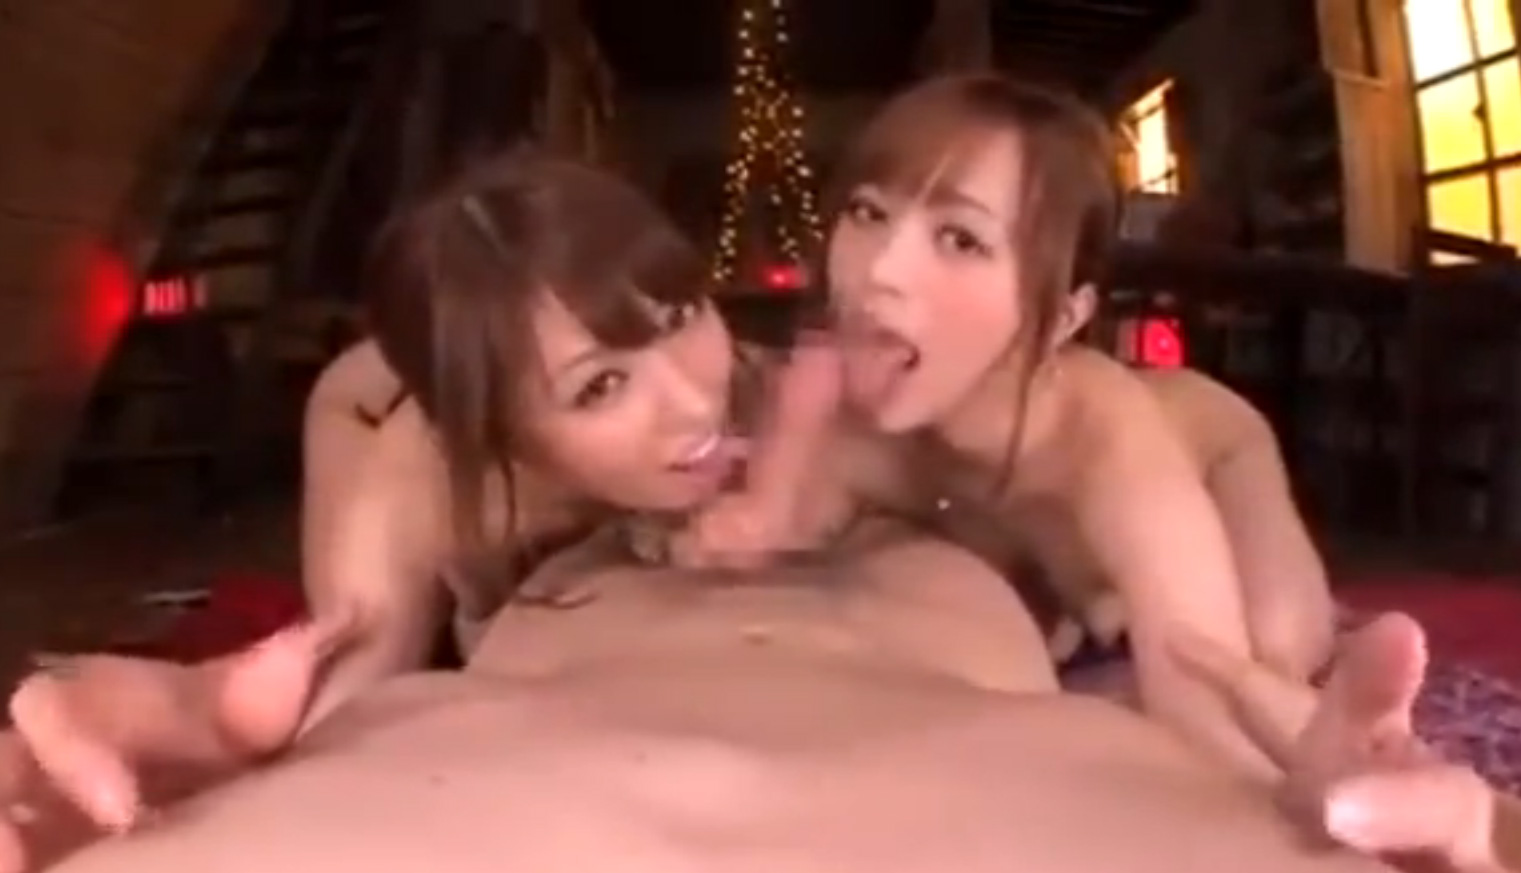 童顔ロリ娘二人と生セックス